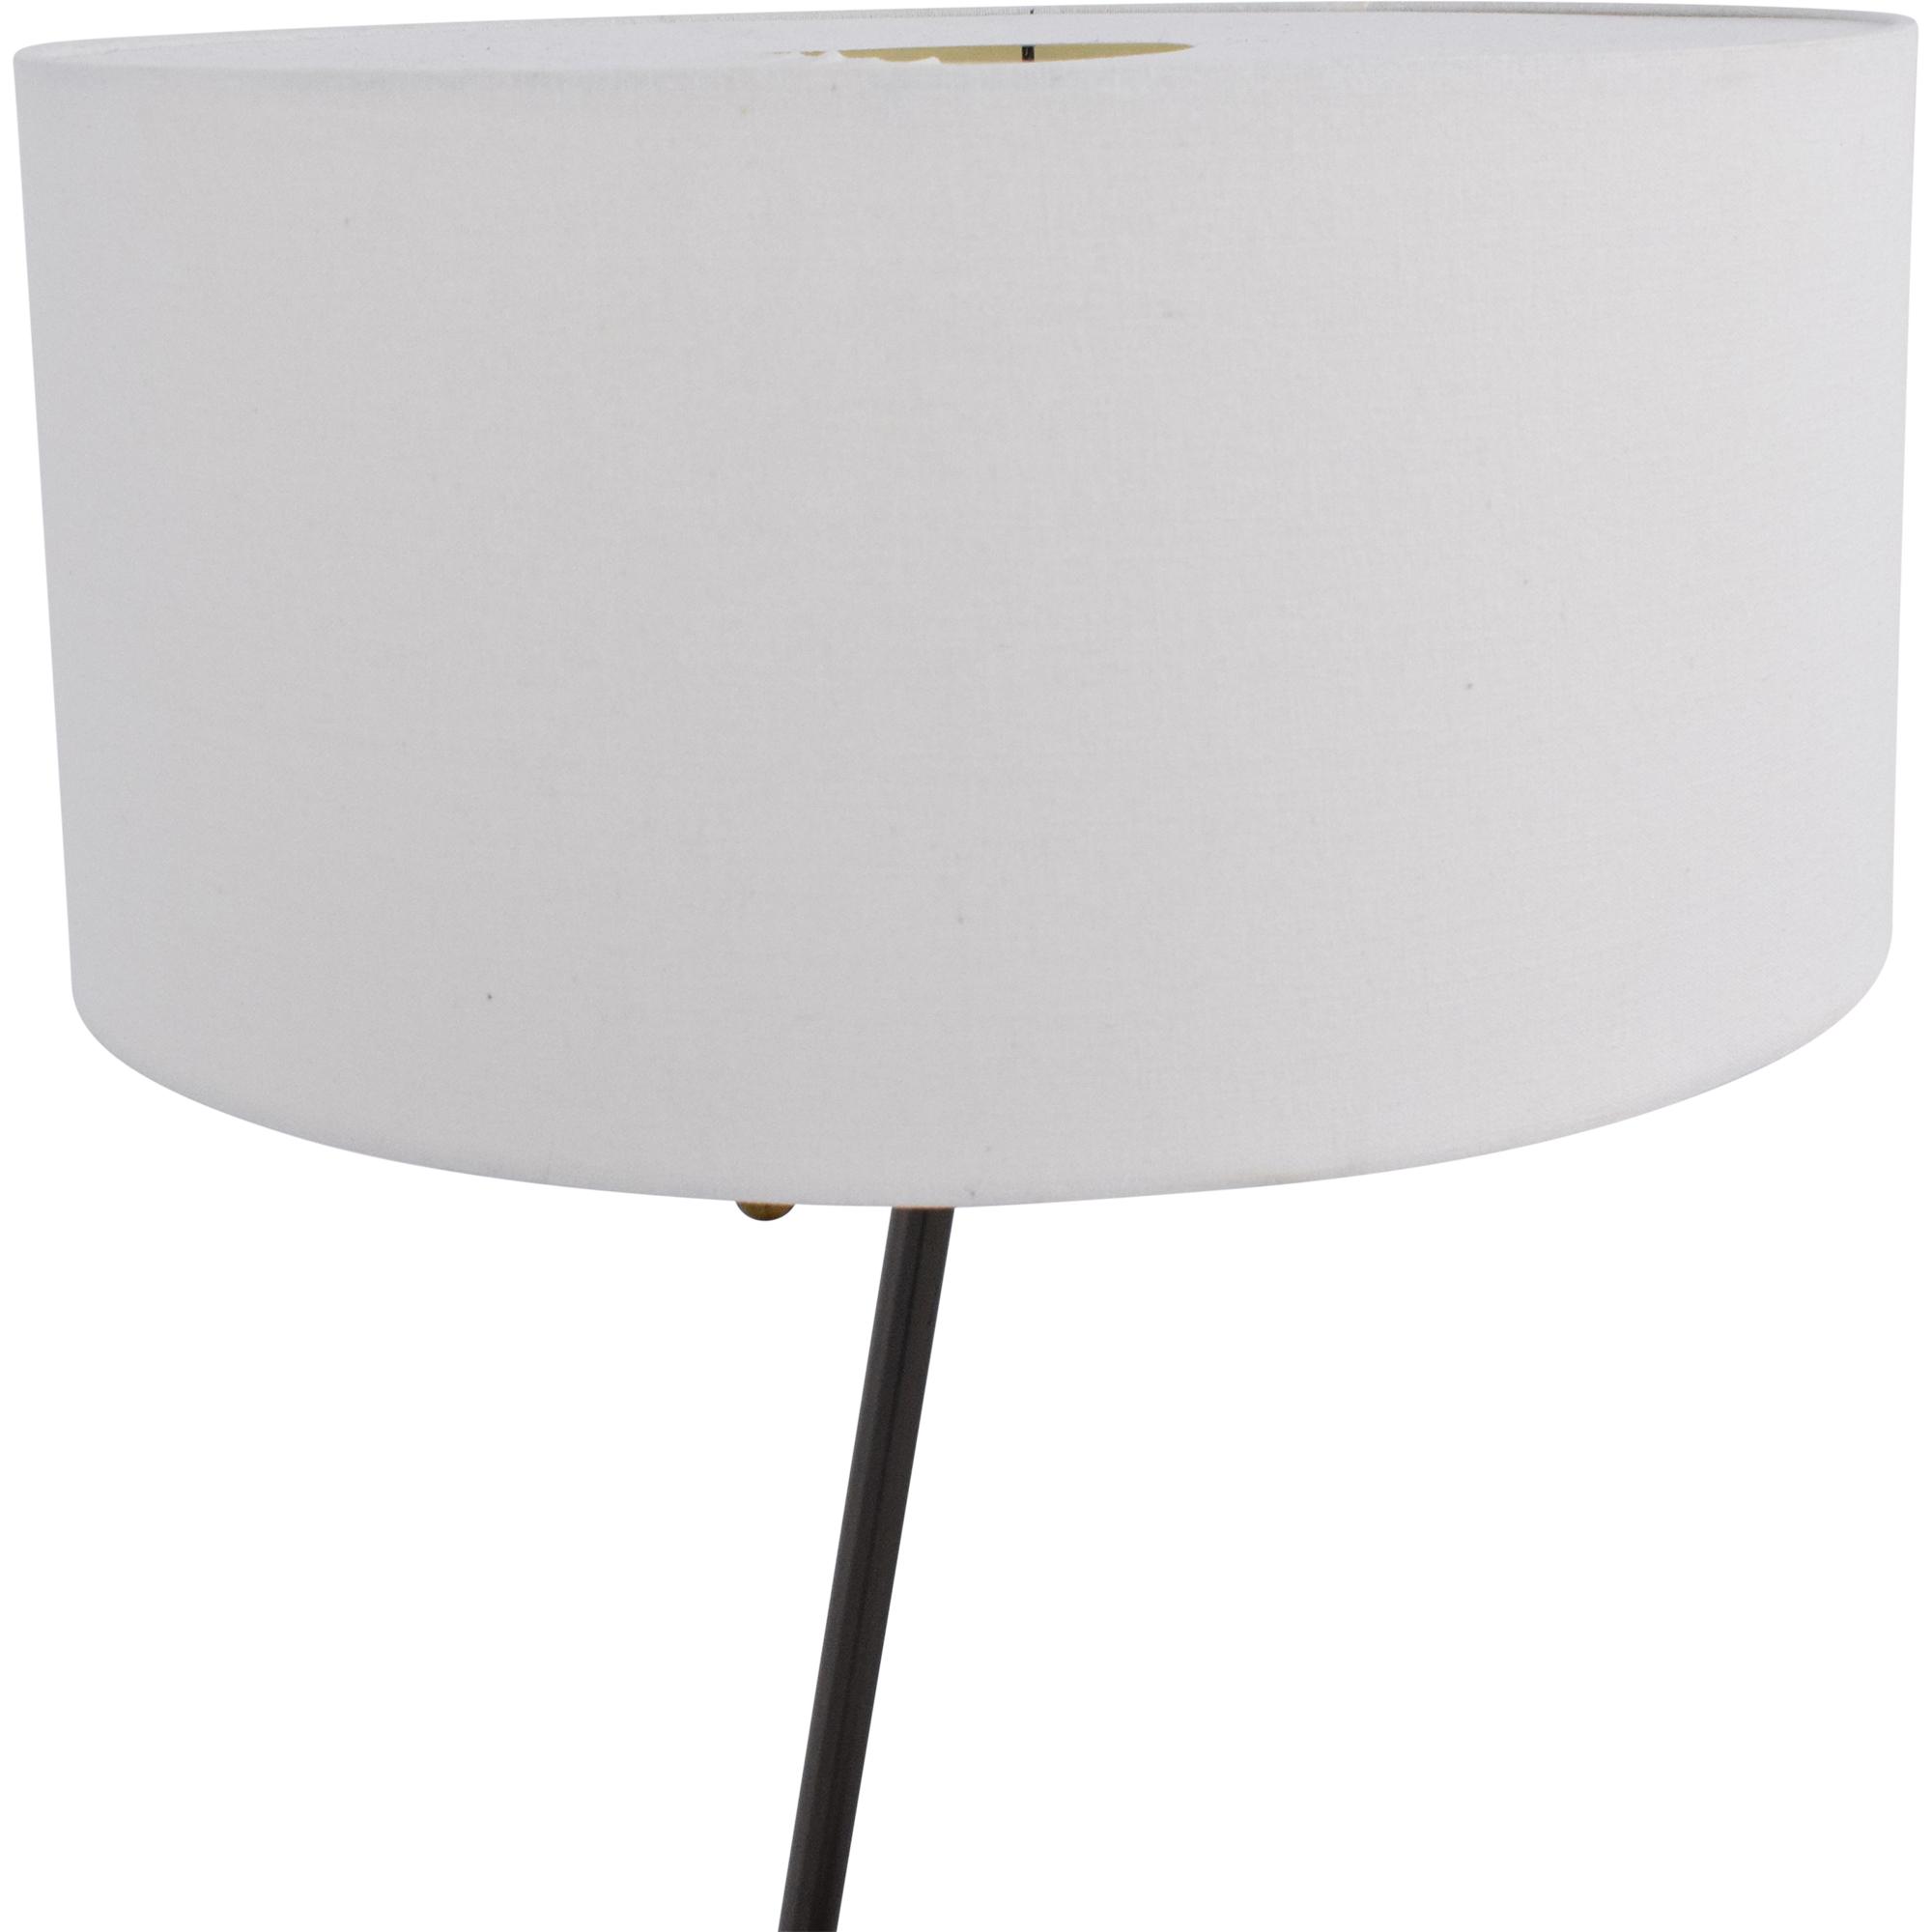 West Elm West Elm Duo Side Table Lamp Decor